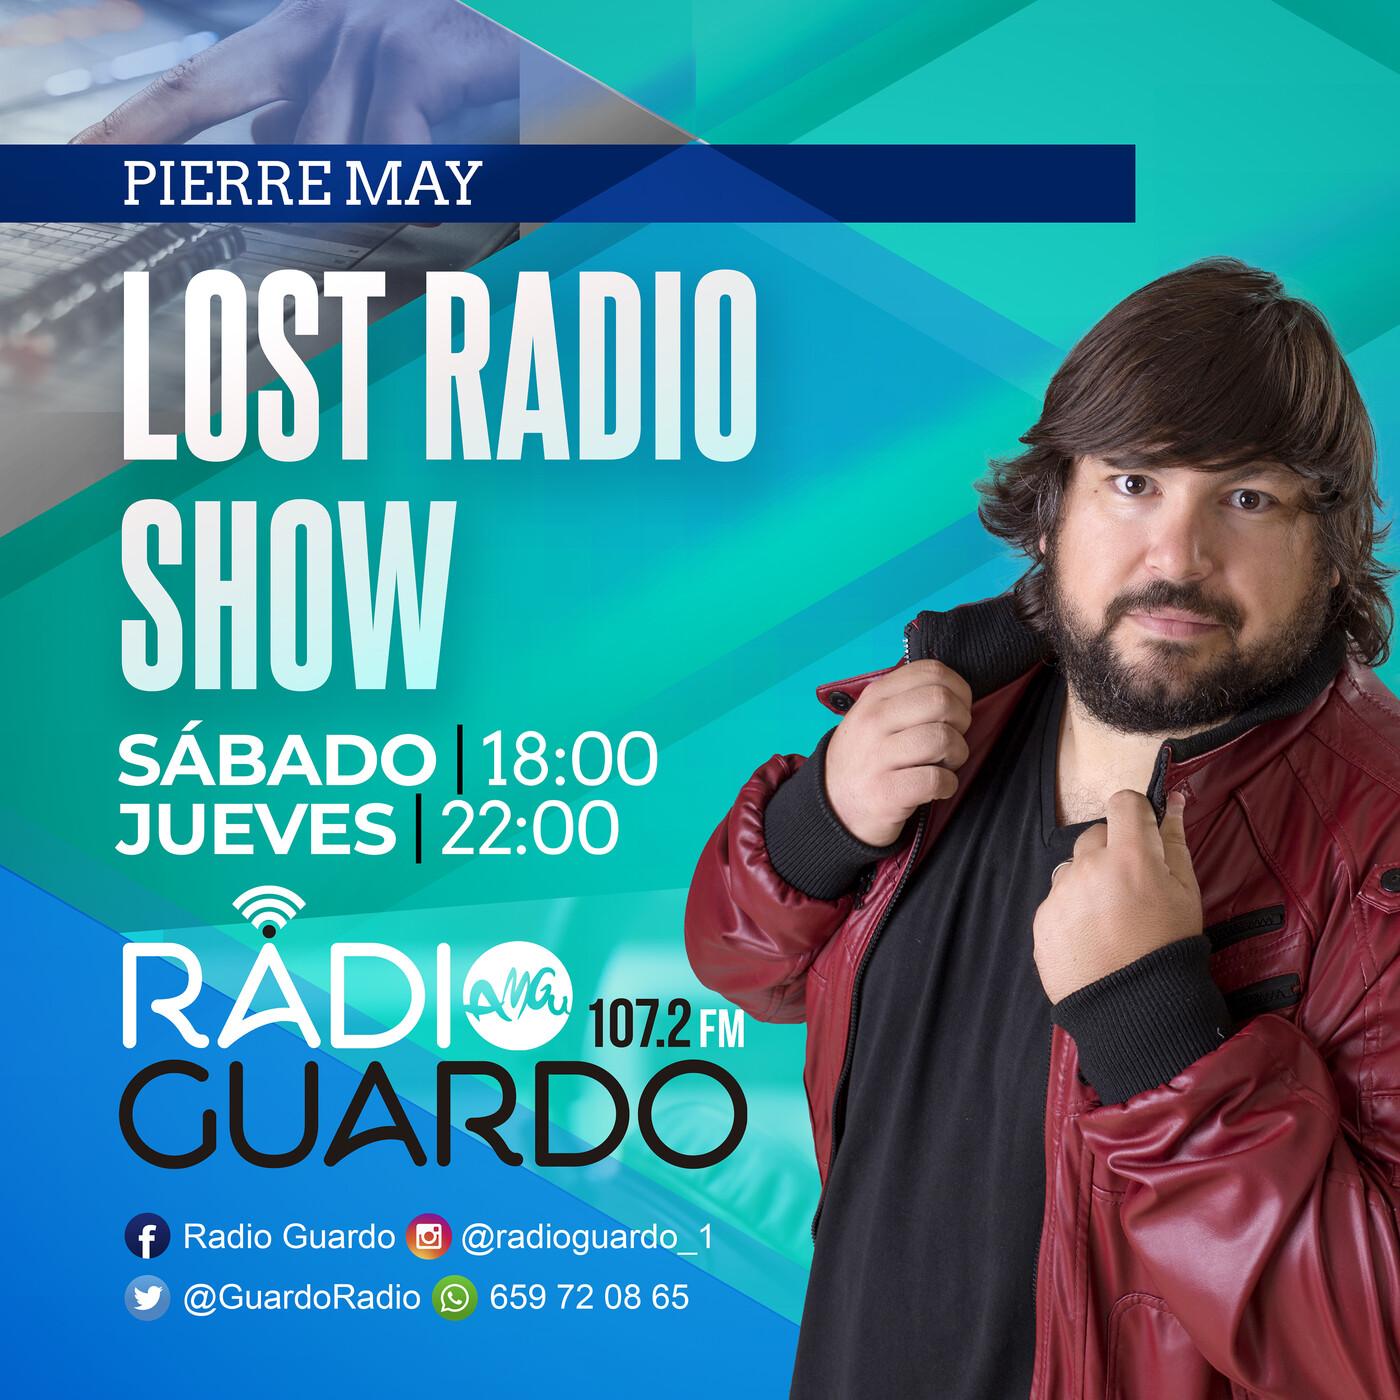 Radiio Guardo, Lost Radio Show by Pierre May, 17 octubre 2020